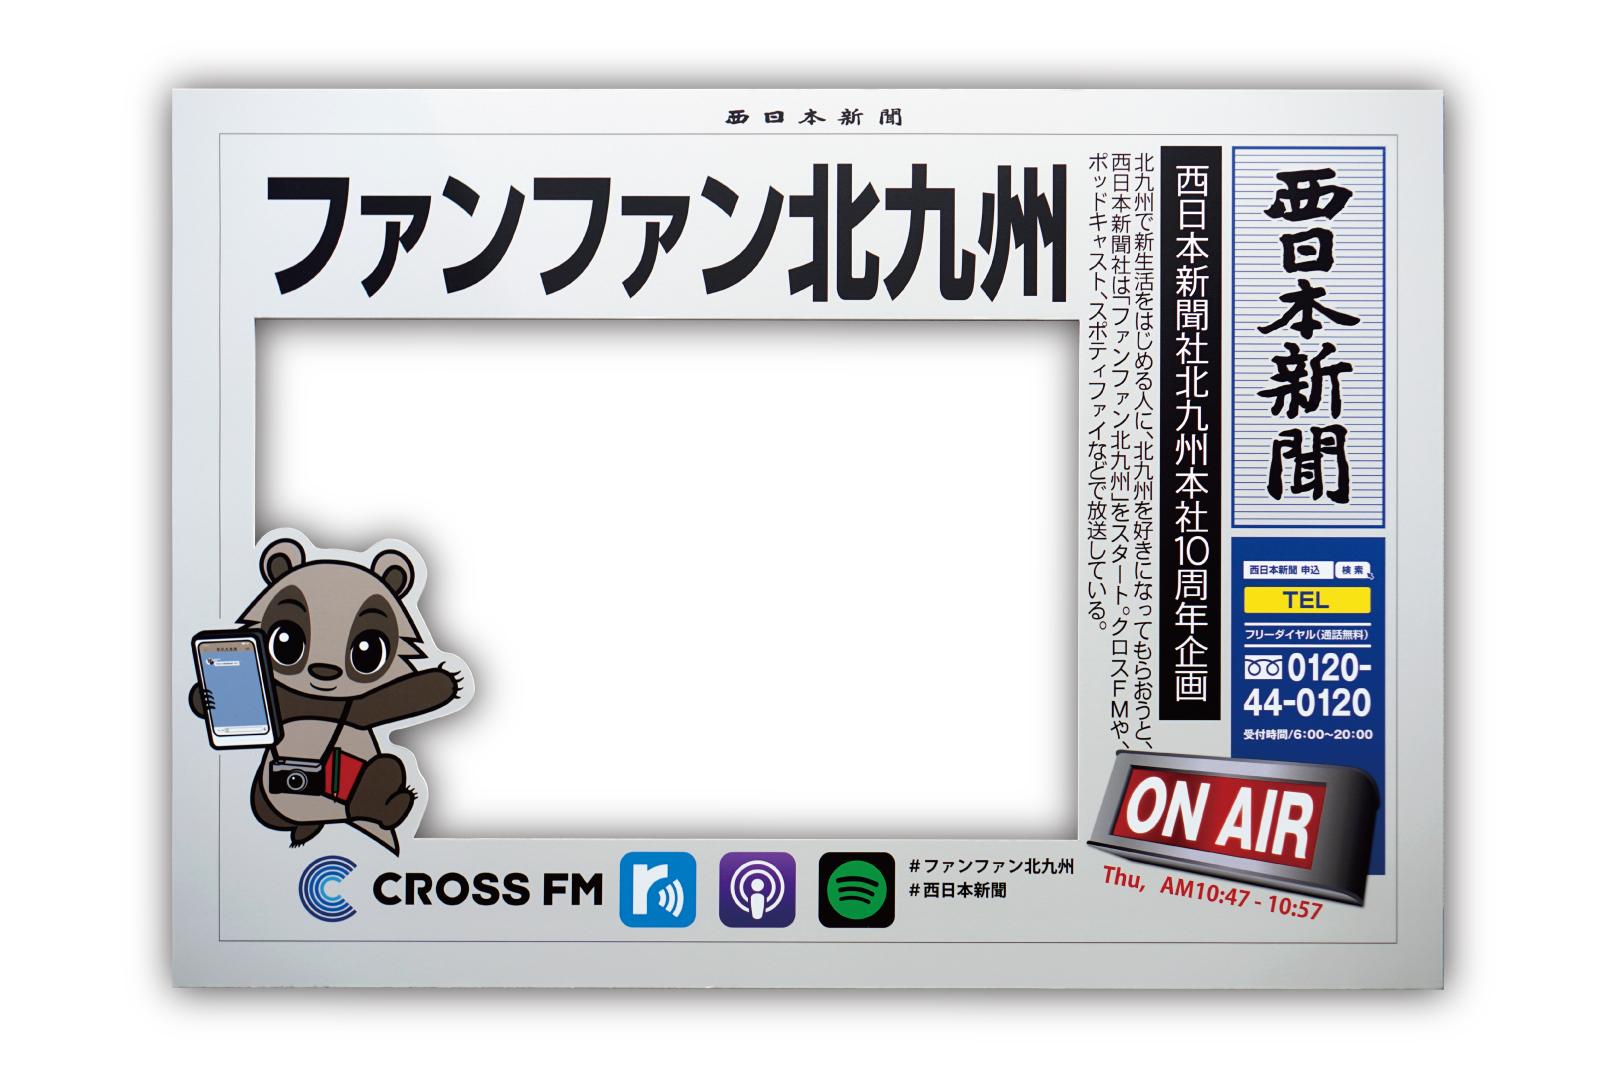 西日本新聞社北九州本社10周年企画 「ファンファン北九州」手持ちパネル